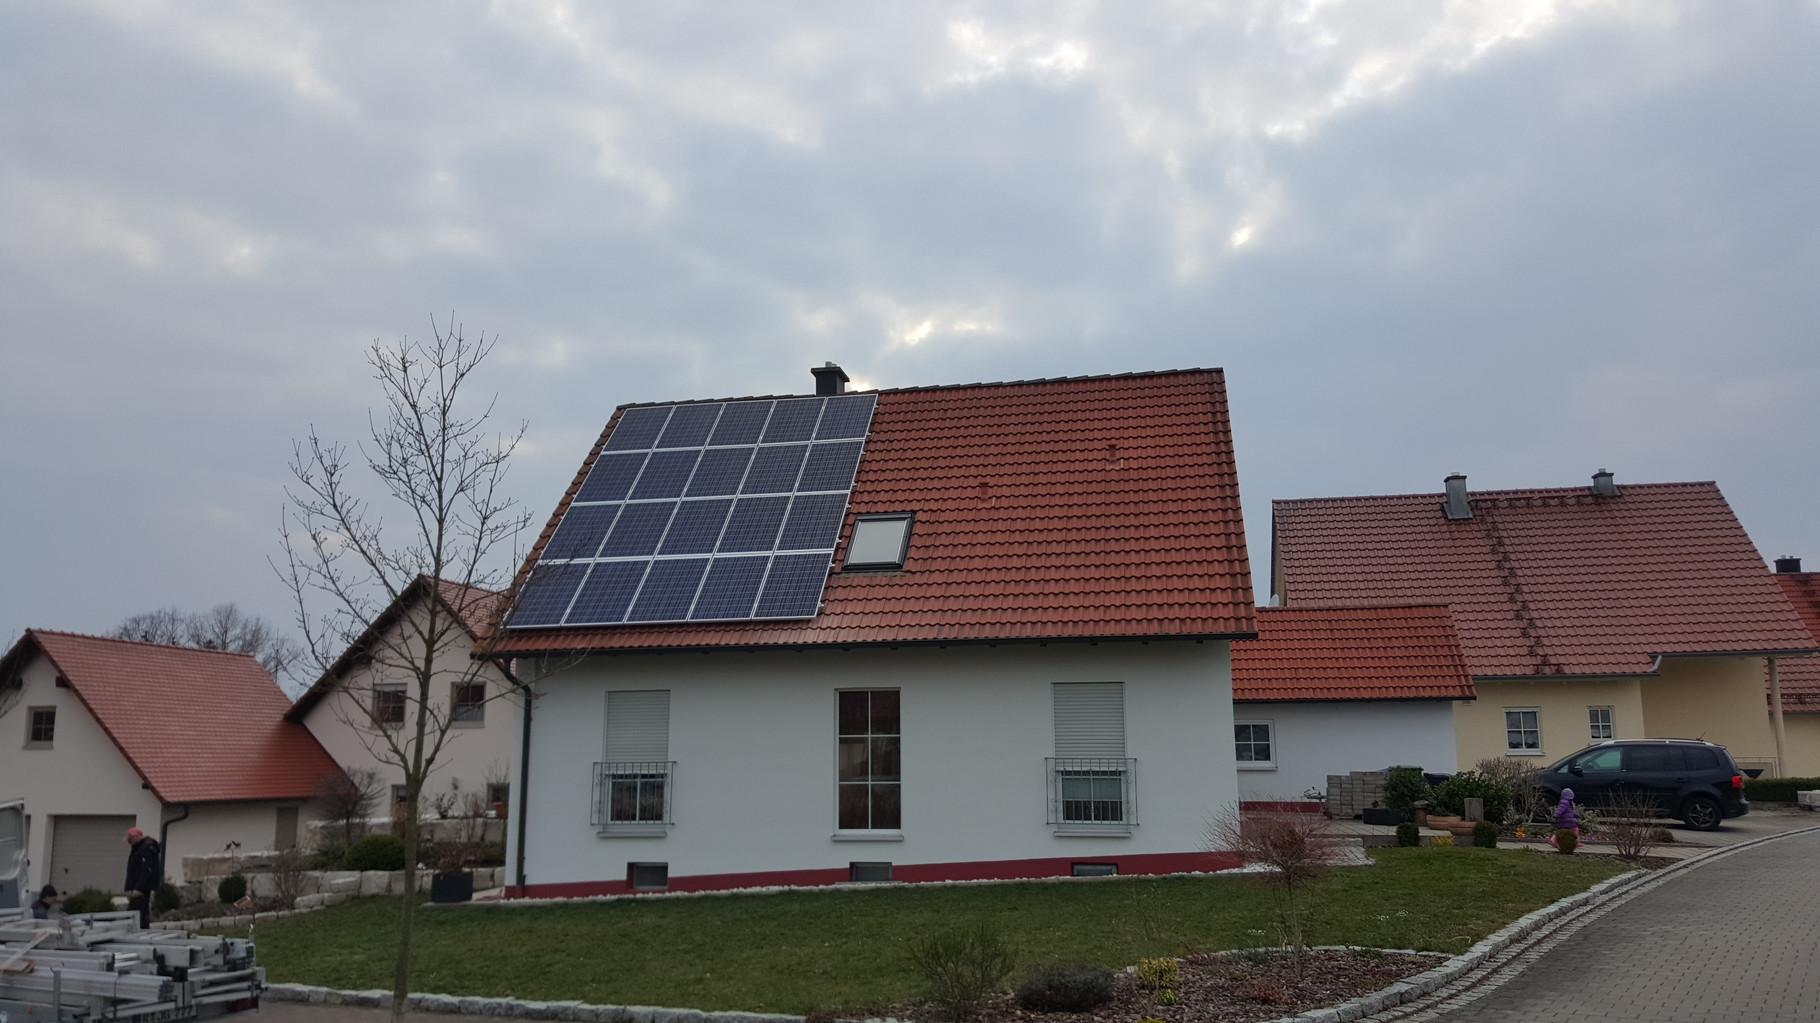 7,02 kWp Photovoltaikanlage mit Solarwatt Glas/Glas Module 30 Jahre Garantie mit Senec 5.0 Lithium Speicher